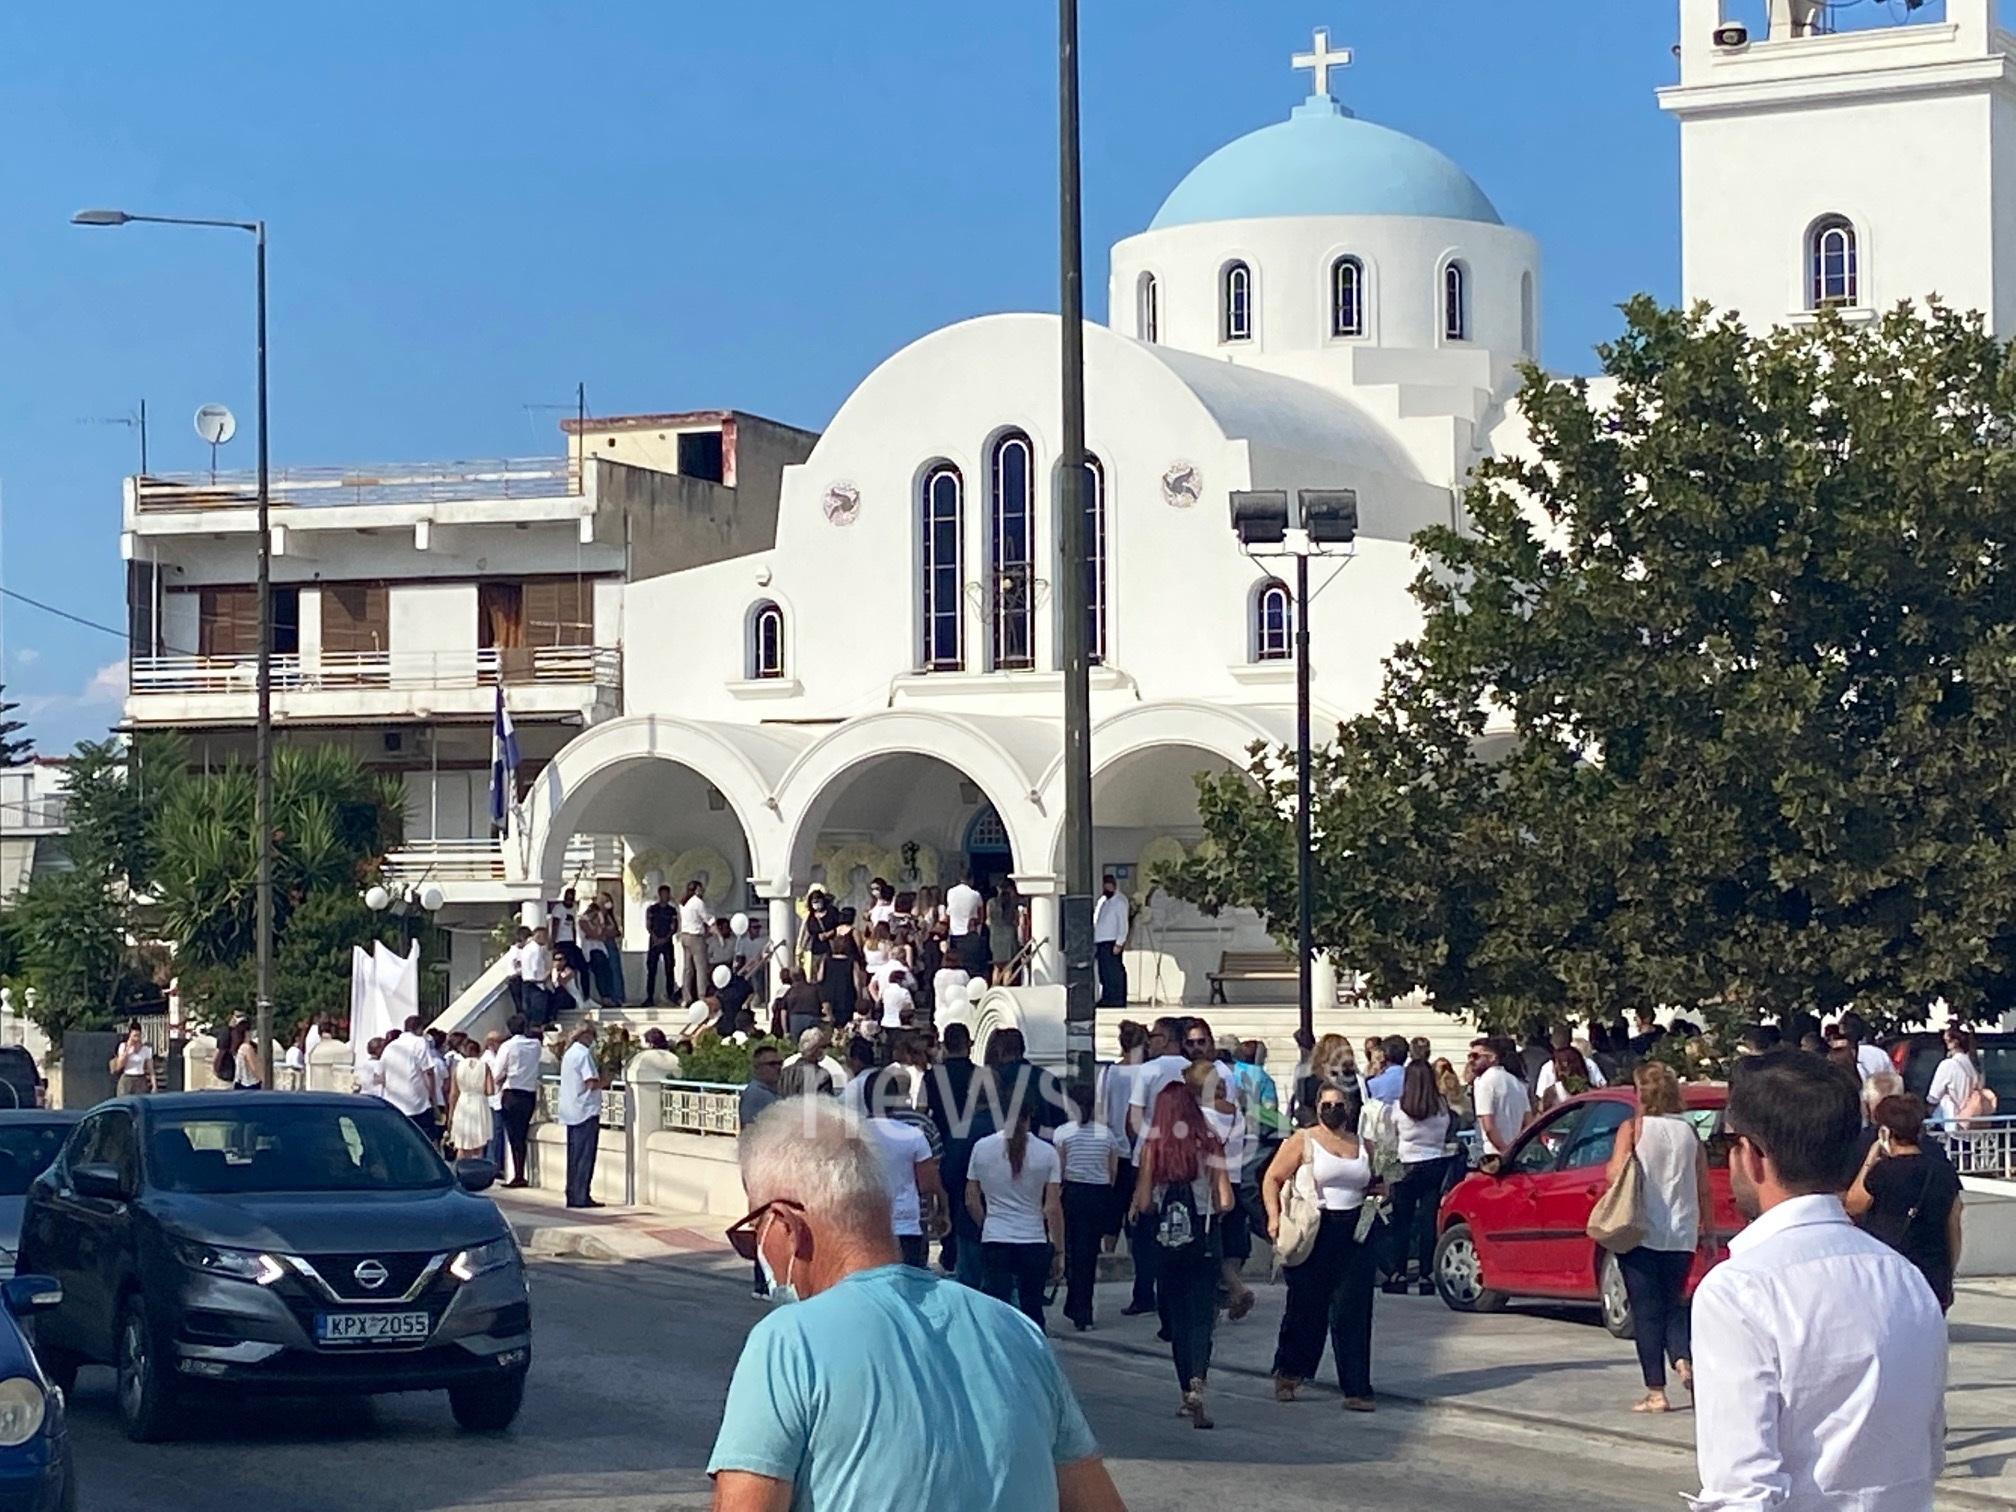 Θρήνος στην κηδεία της Γαρυφαλλιάς: Λευκά μπαλόνια και μπομπονιέρες στο τελευταίο αντίο